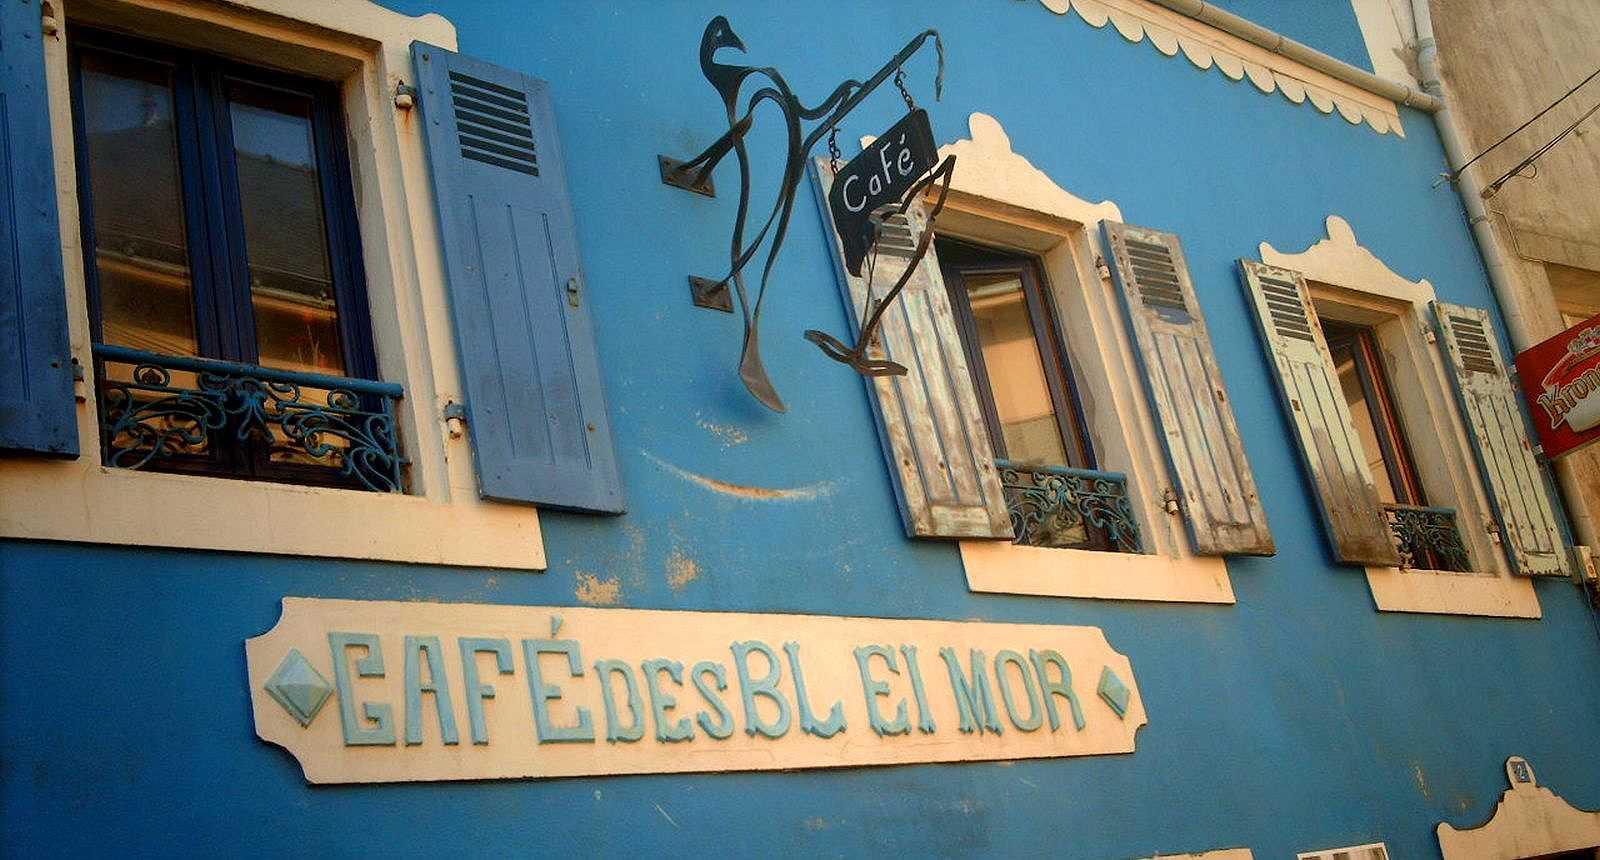 Le Café des Blei Mor au Bourg de l'Île de Groix